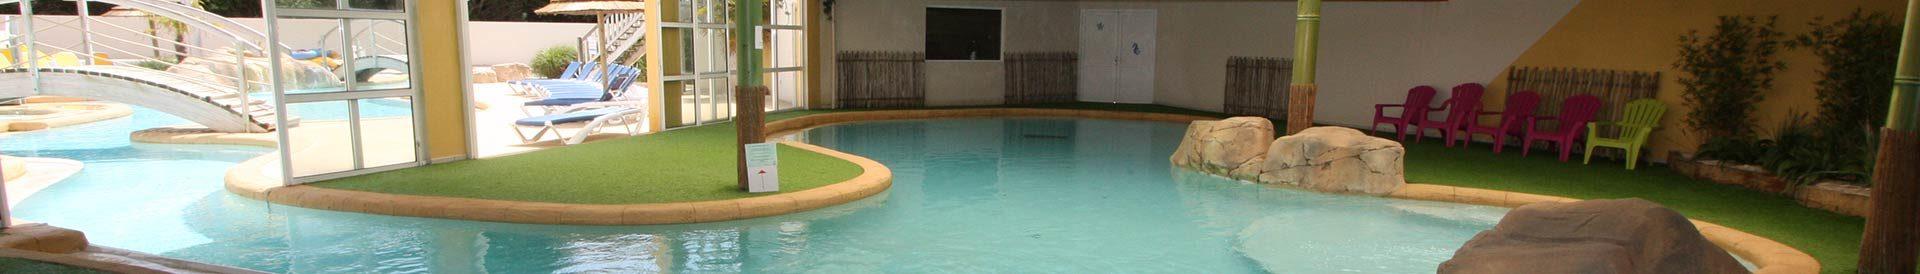 piscine couverte camping Les Sables d'Olonne